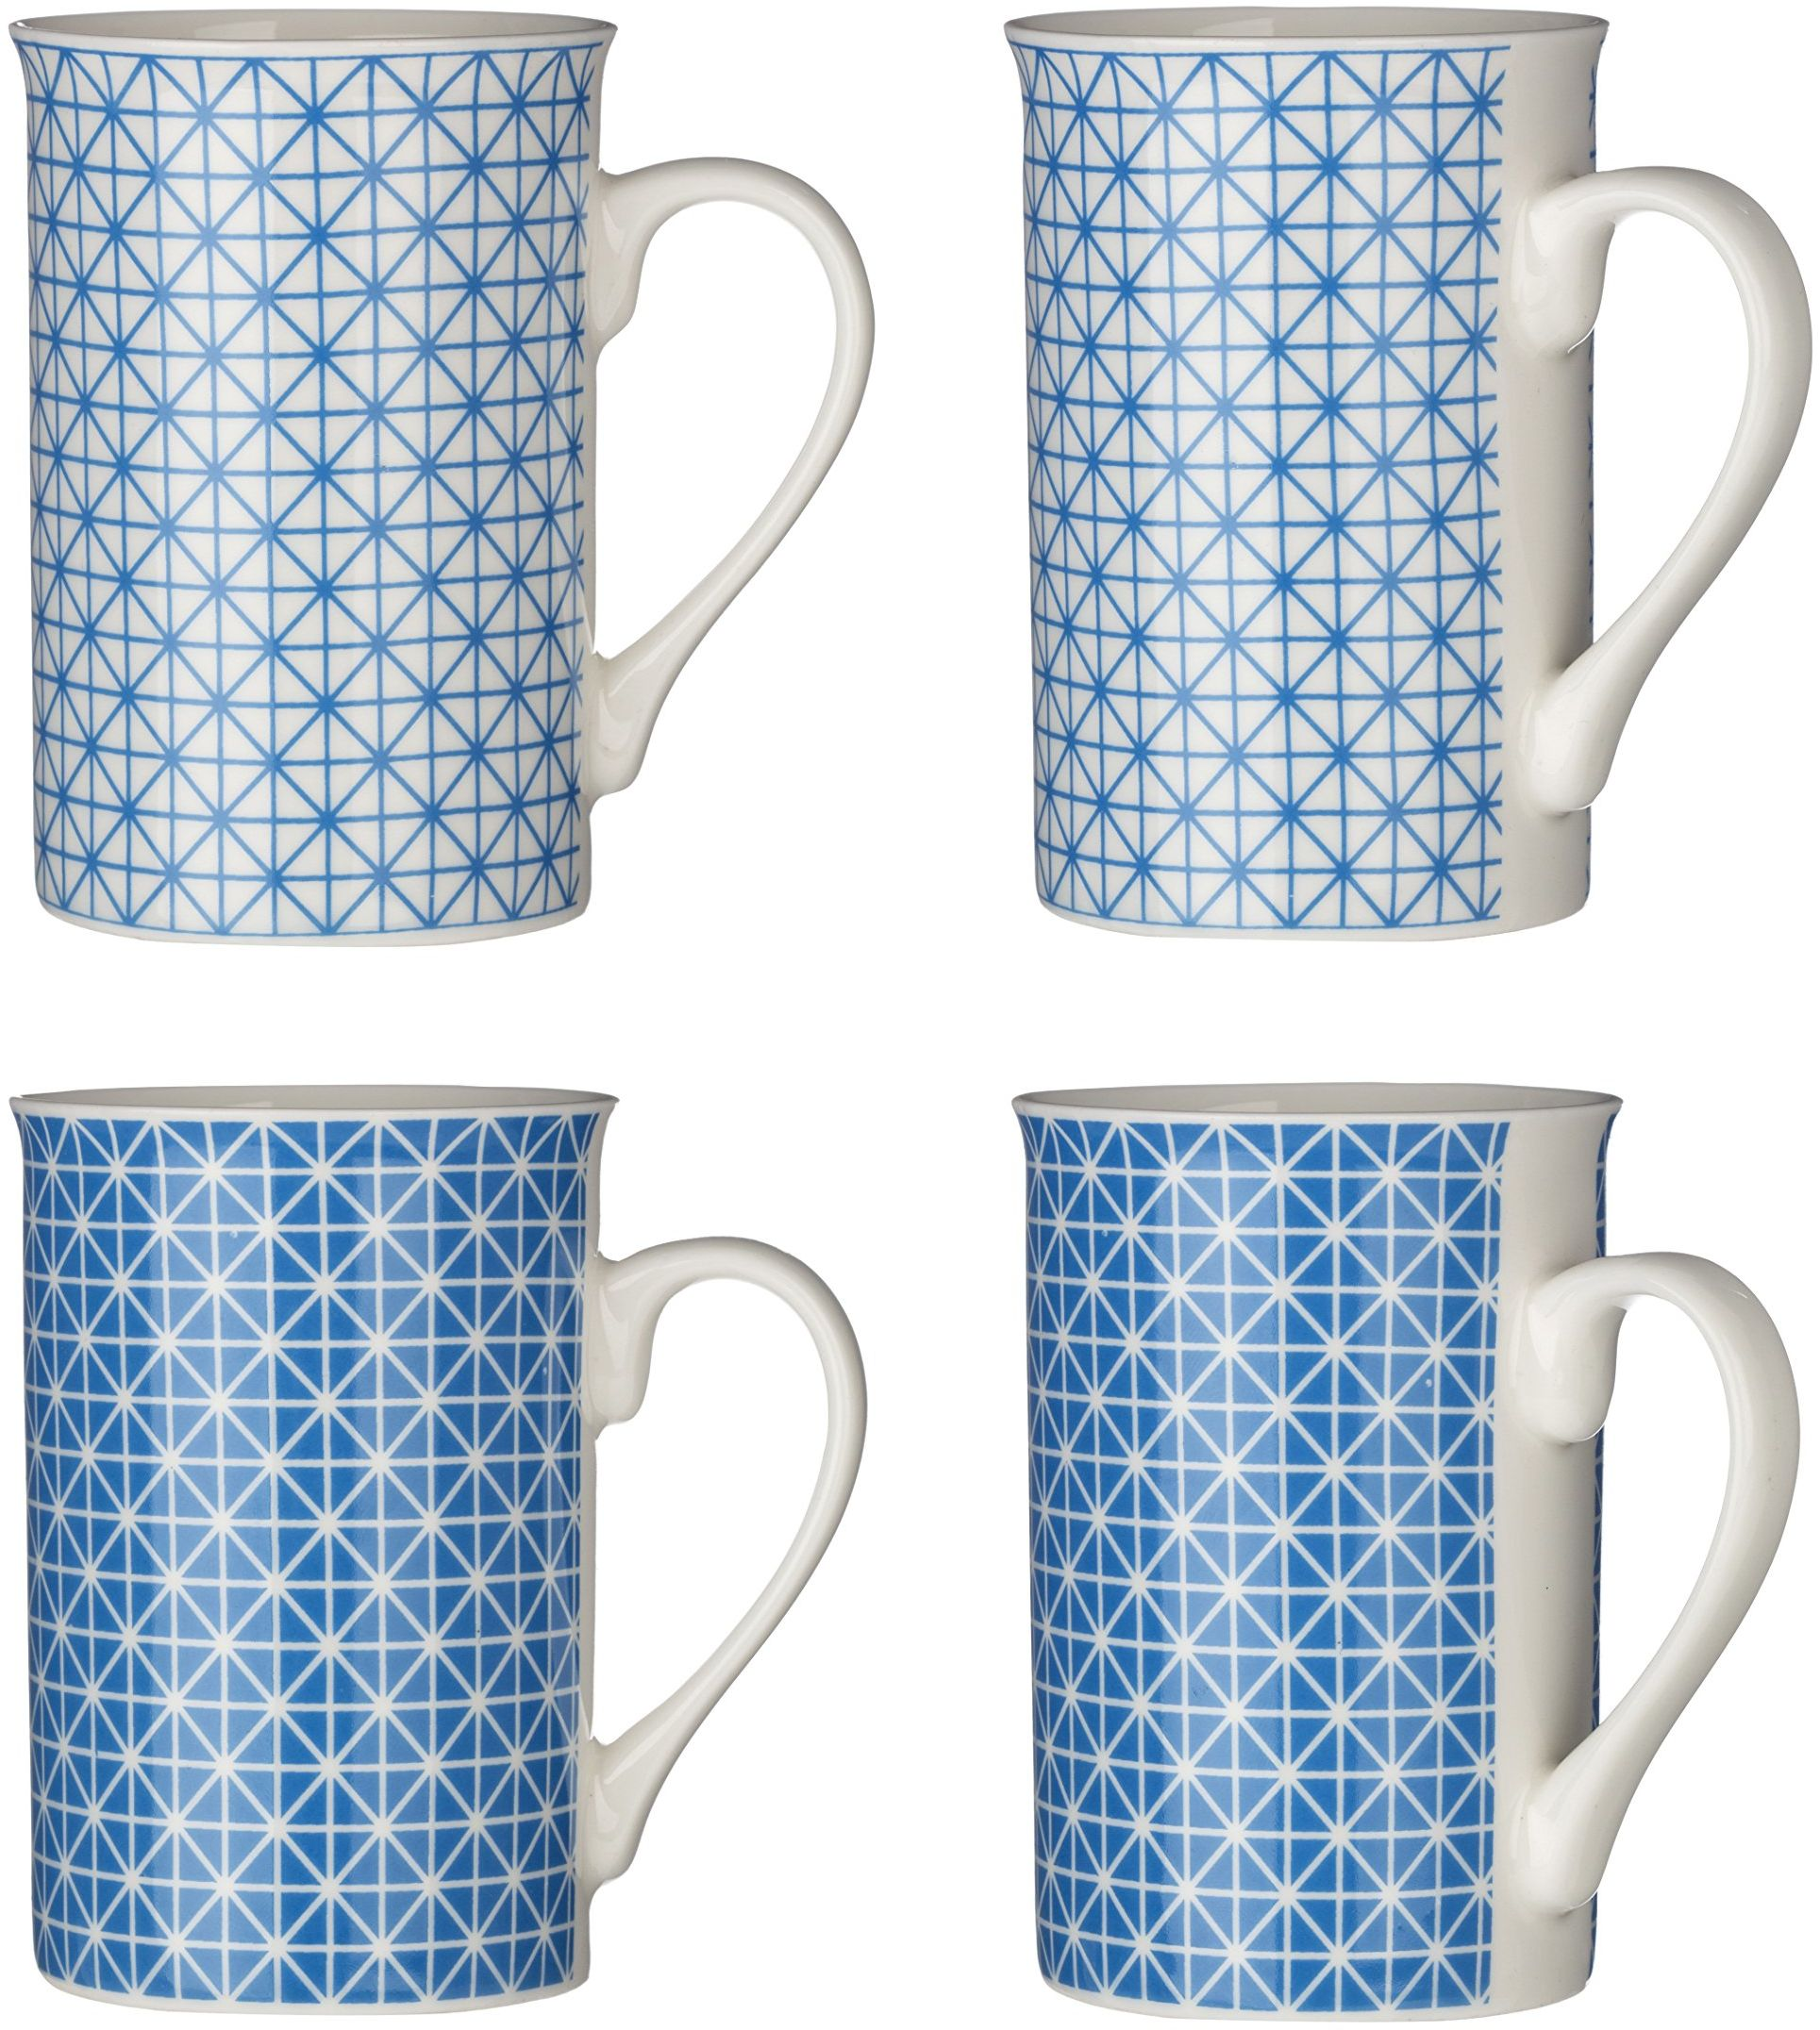 Premier zestaw 4 filiżanek do maroku, 270 ml, niebieski, porcelana